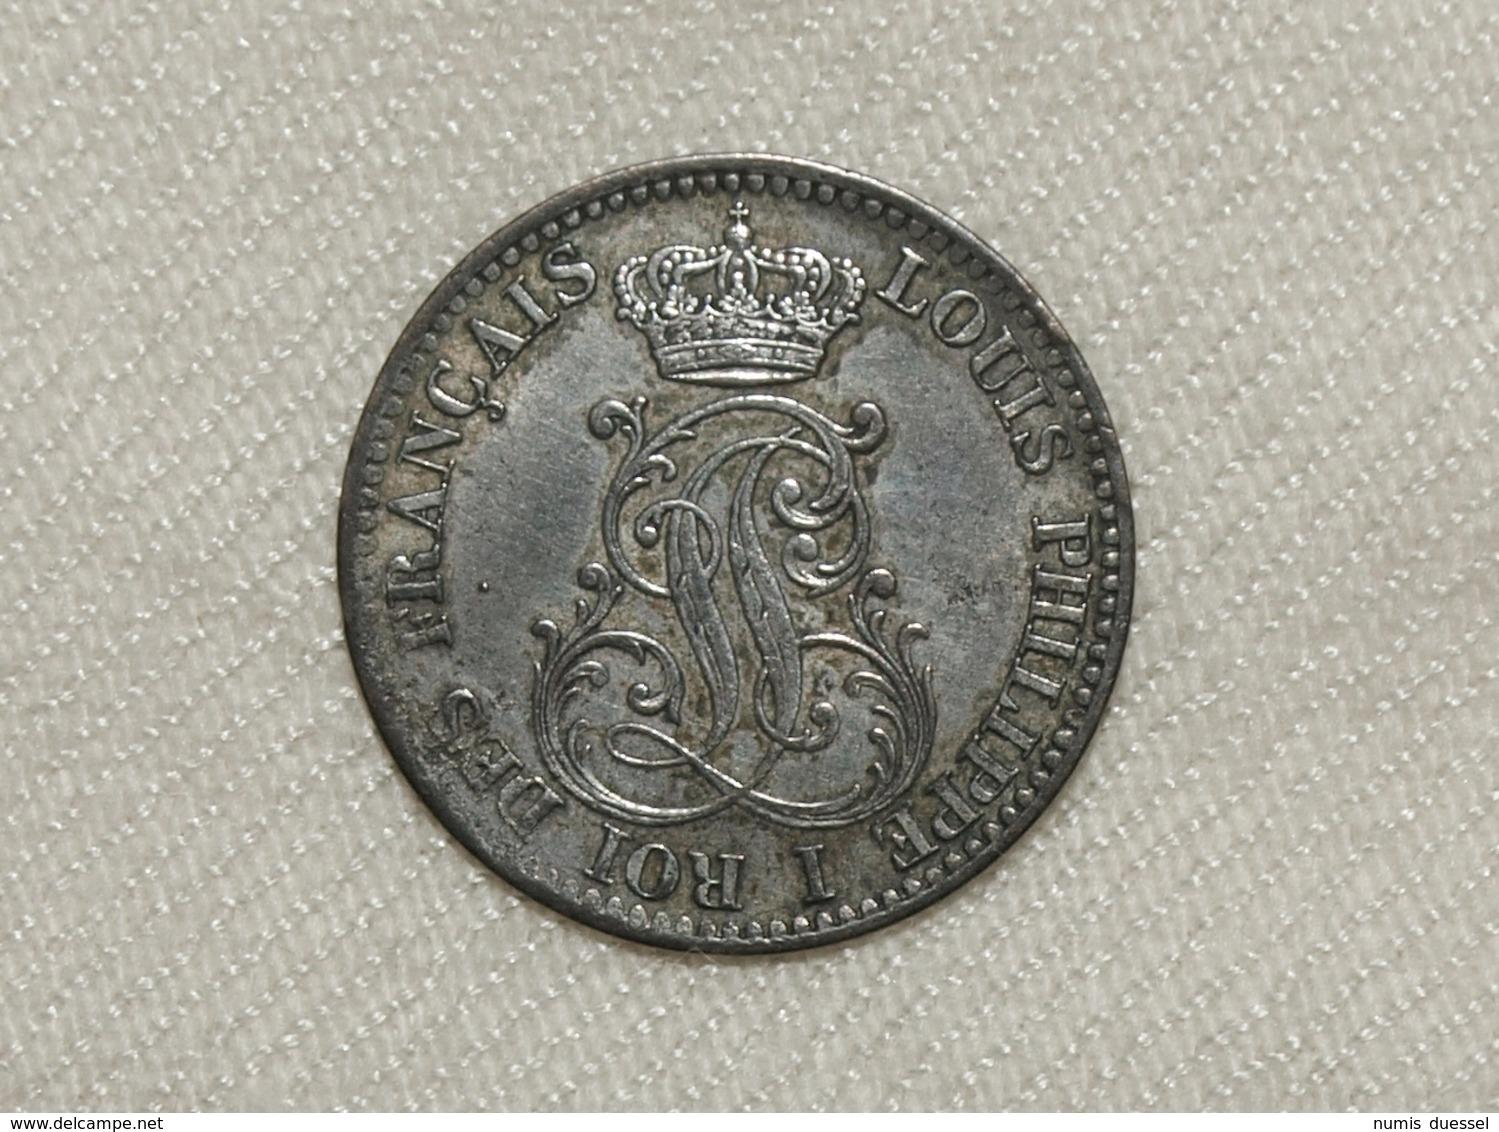 Silber Frankreich Guyana/France Guiana Louis Philippe, 1846 A, 10 Centimes Vz-unz/xf-unc - Kolonien